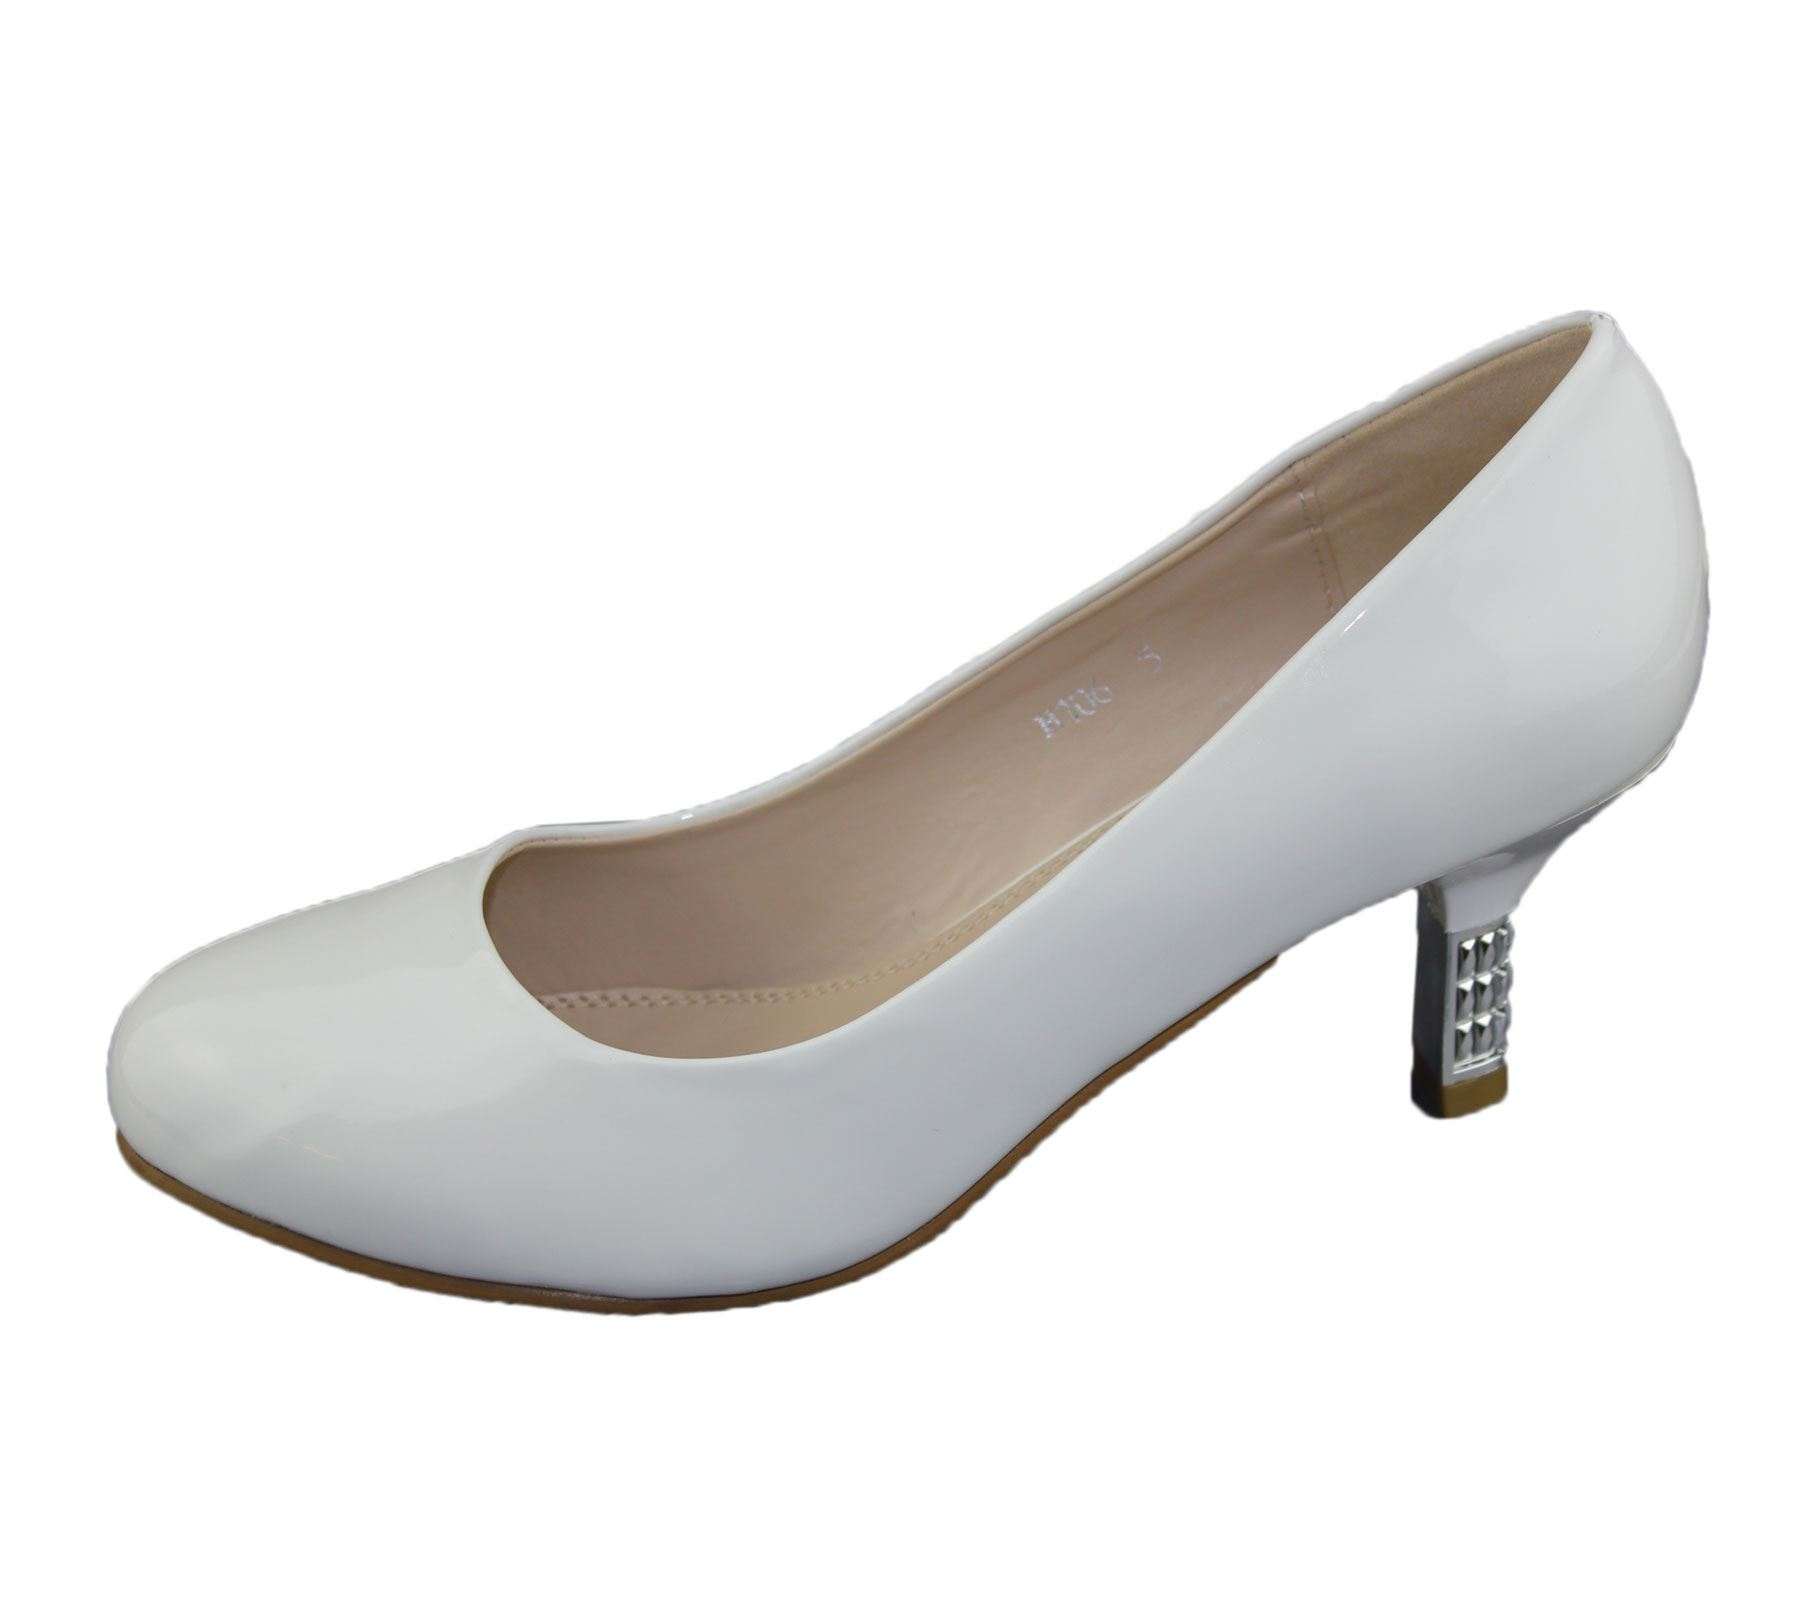 Para Mujer Gatito MEDIADOS TRIBUNAL TALÓN Zapatos Fiesta Damas Boda Oficina inteligente casarse Jane